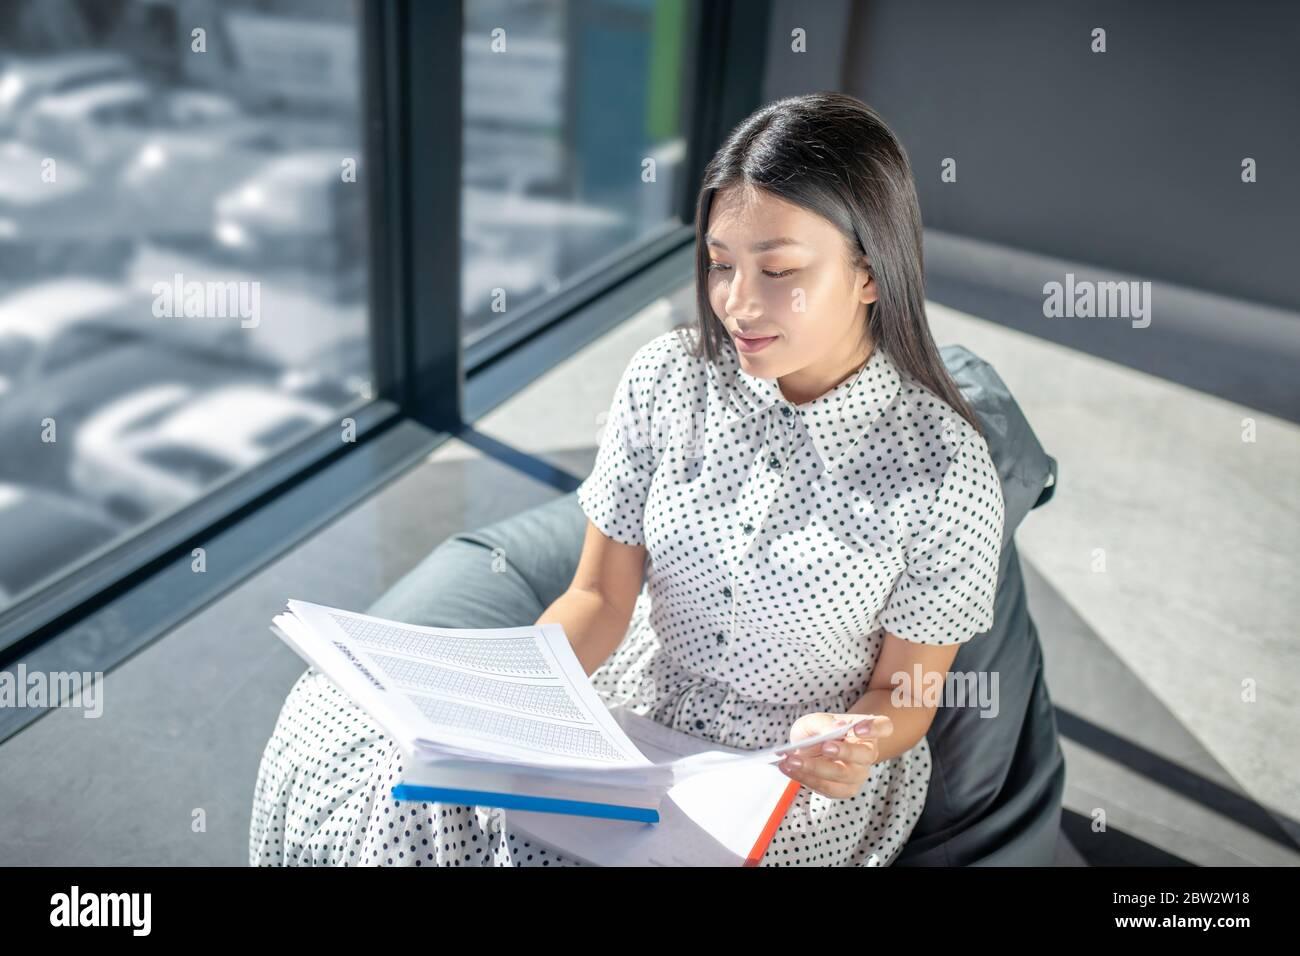 Jeune femme brune assise sur un fauteuil à sac, regardant à travers les papiers, souriant Banque D'Images